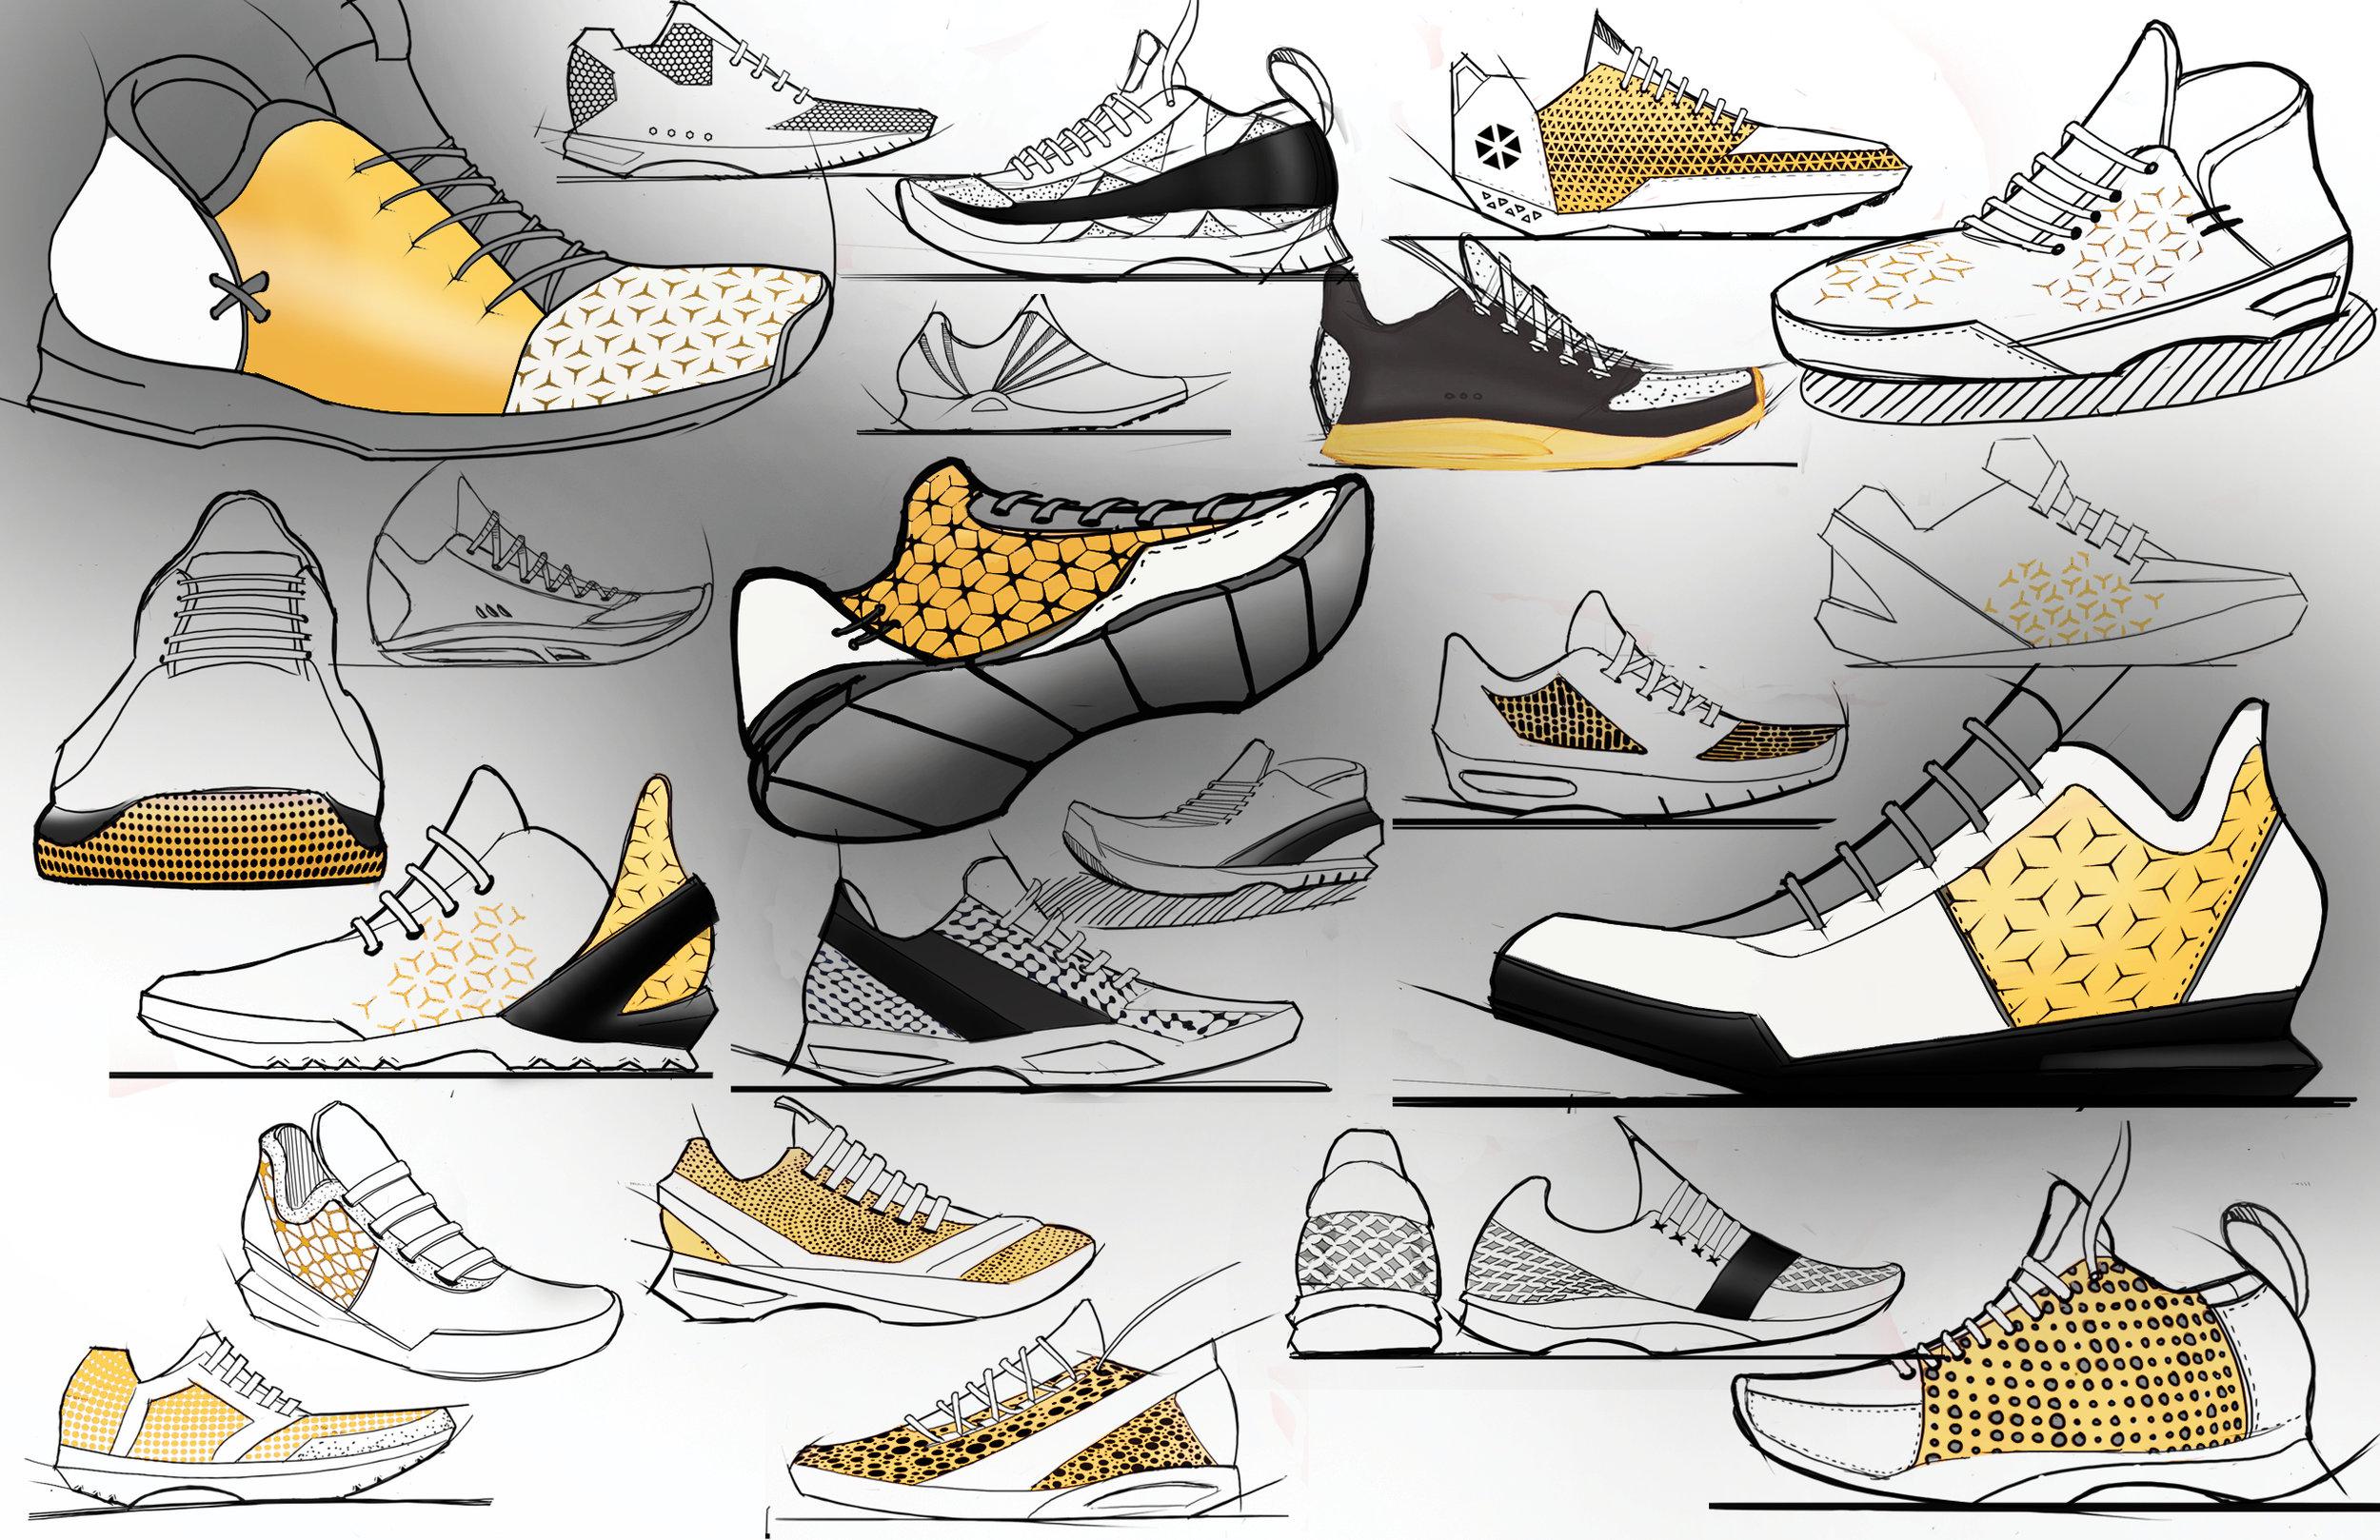 Burbidge_Shoe3.jpg